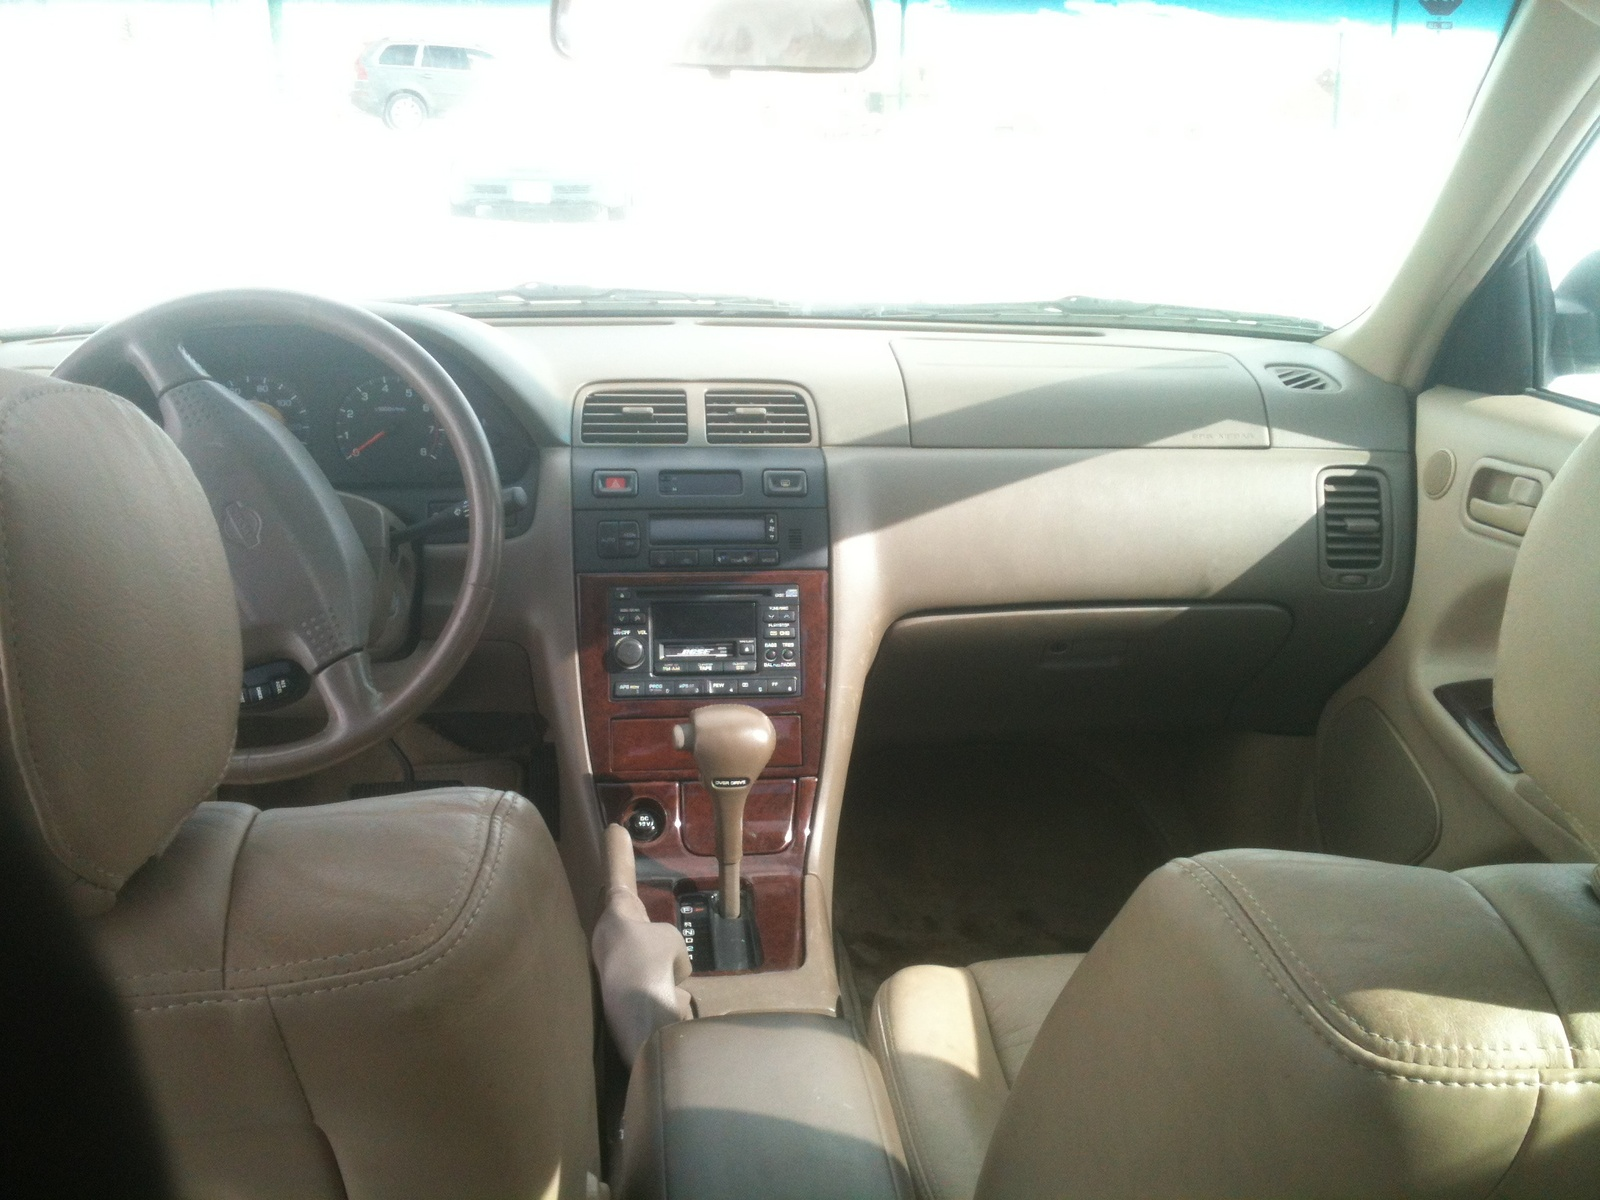 1998 Nissan Maxima Interior Pictures Cargurus